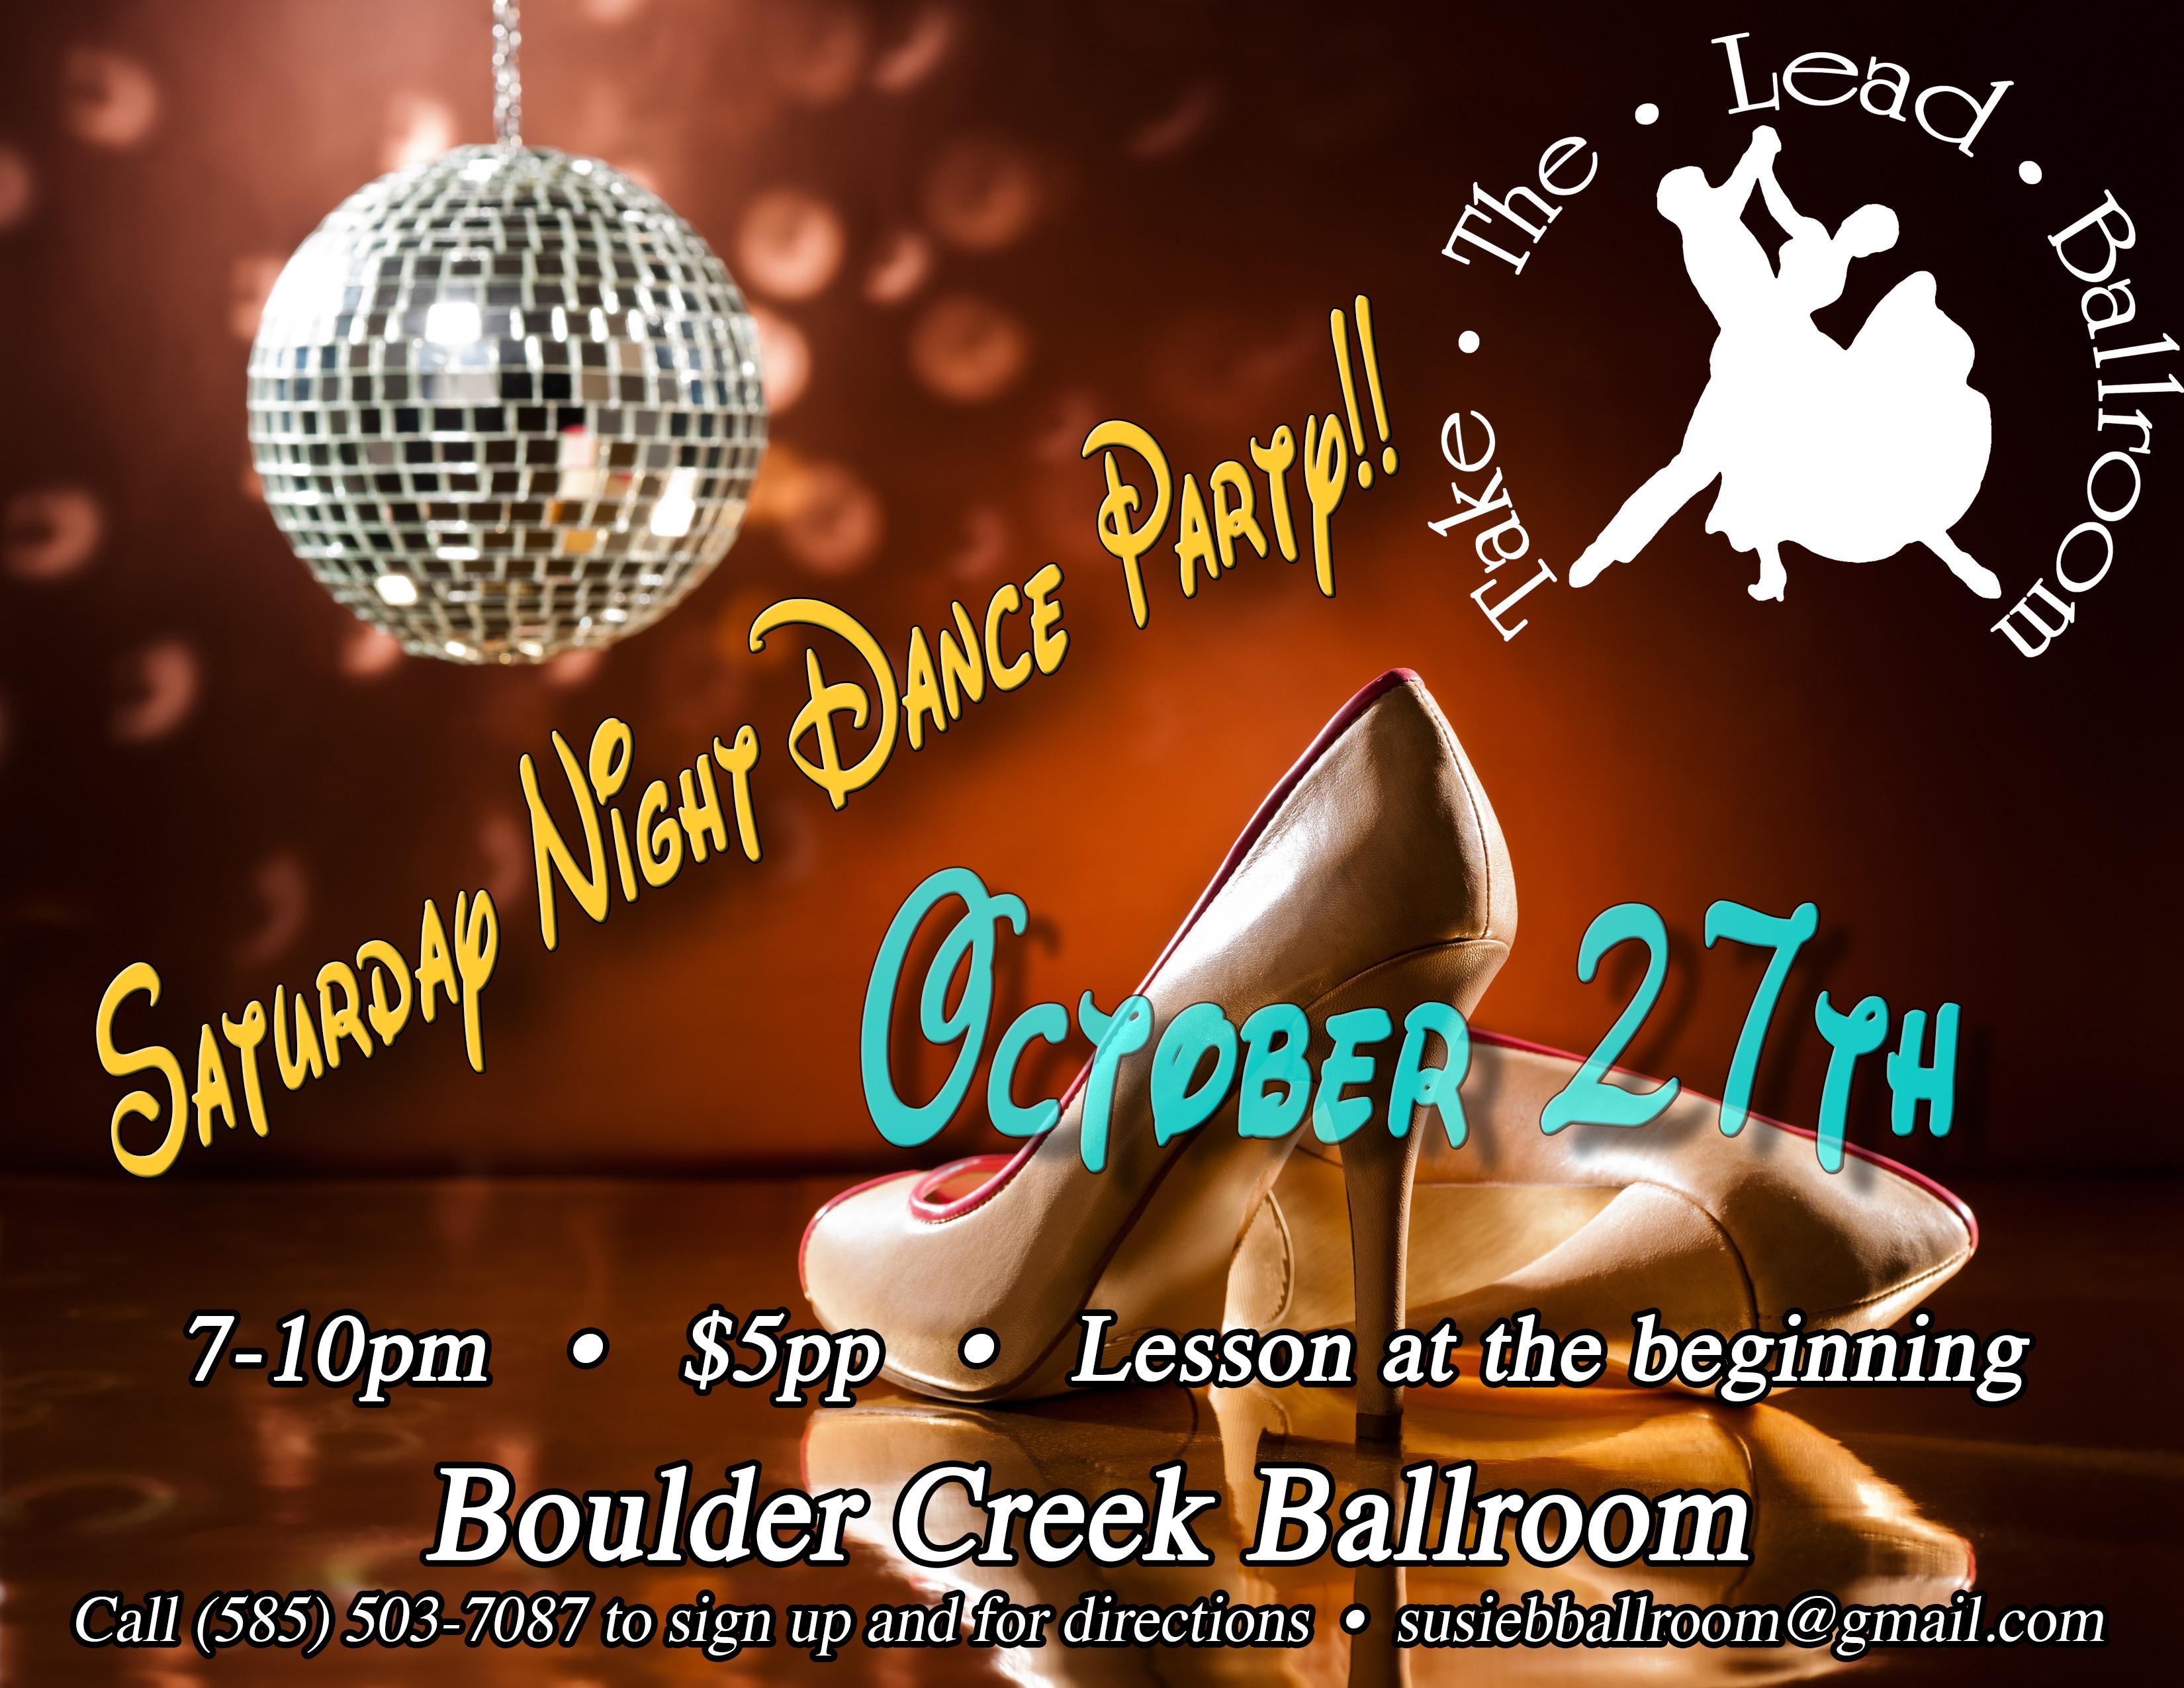 Dance party Flyer Sat